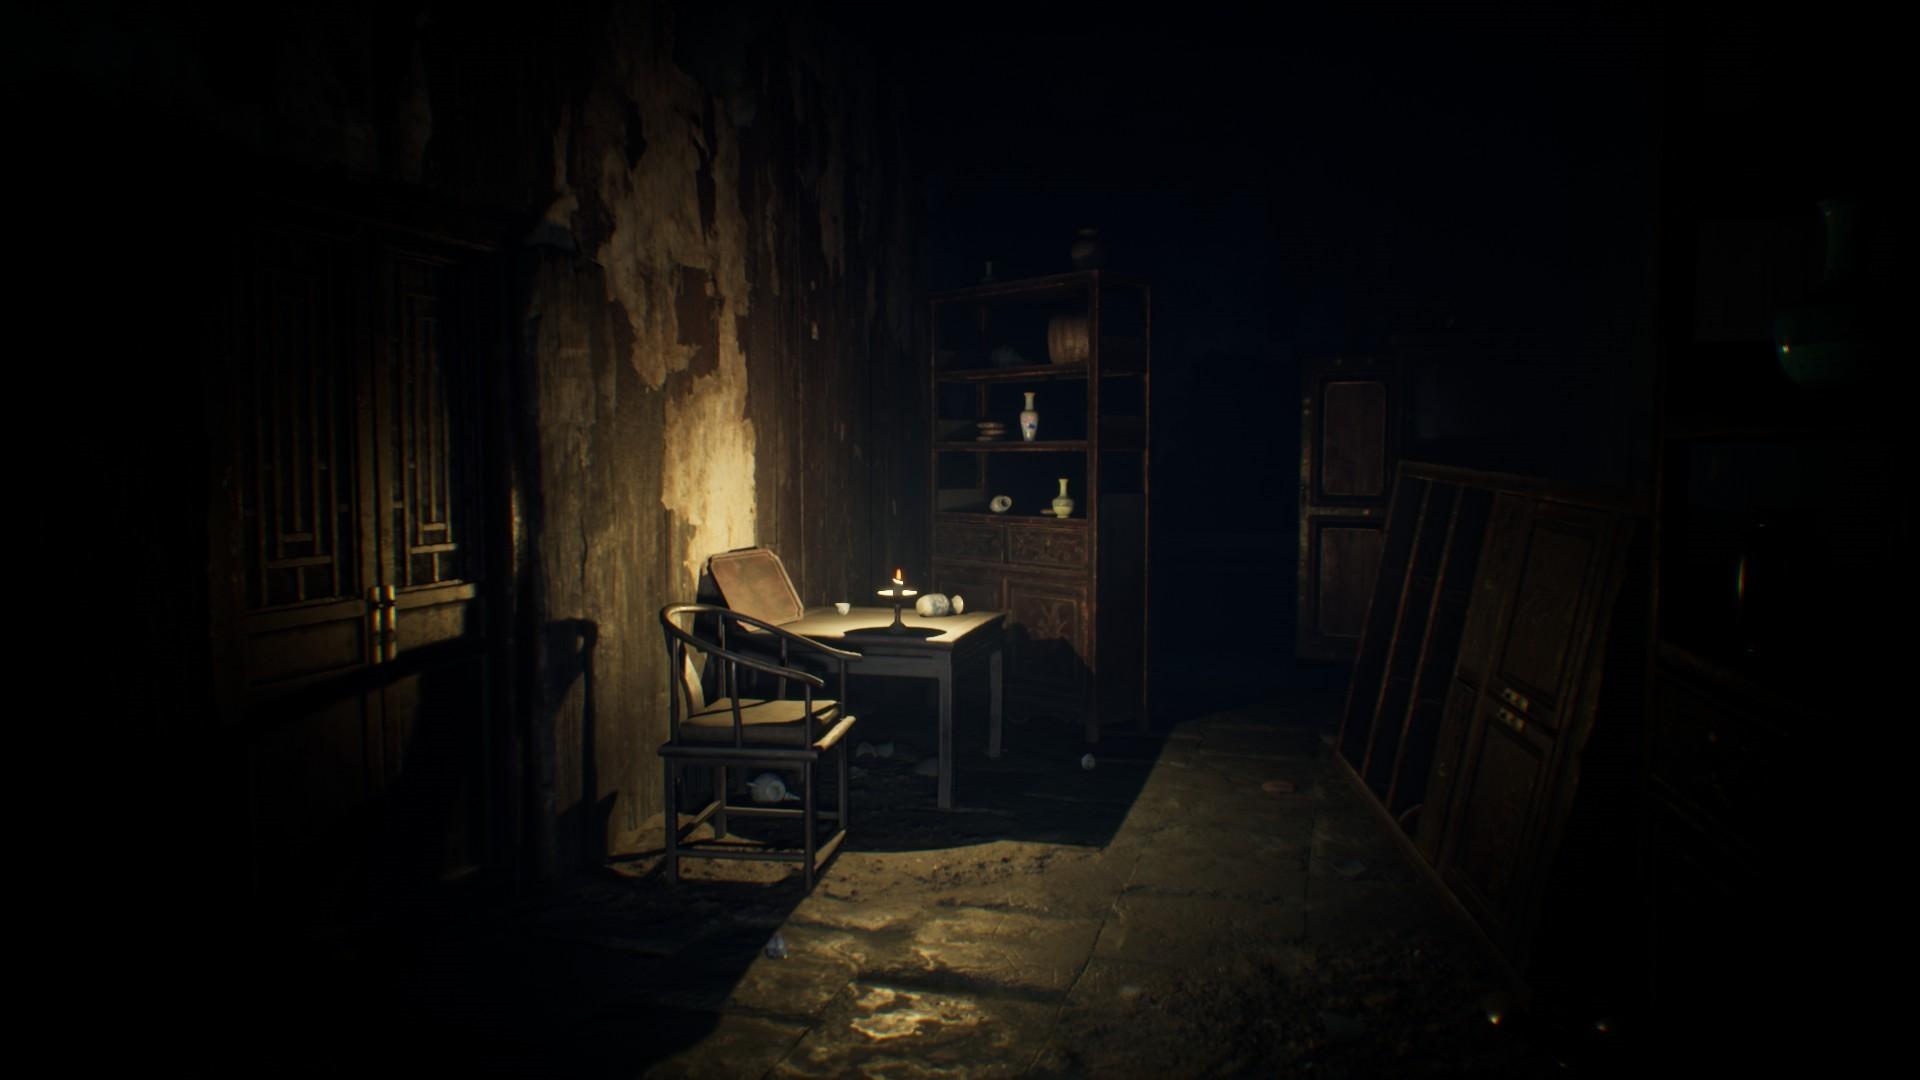 国产恐怖游戏《纸人》正式发售 清末古宅随便逛逛